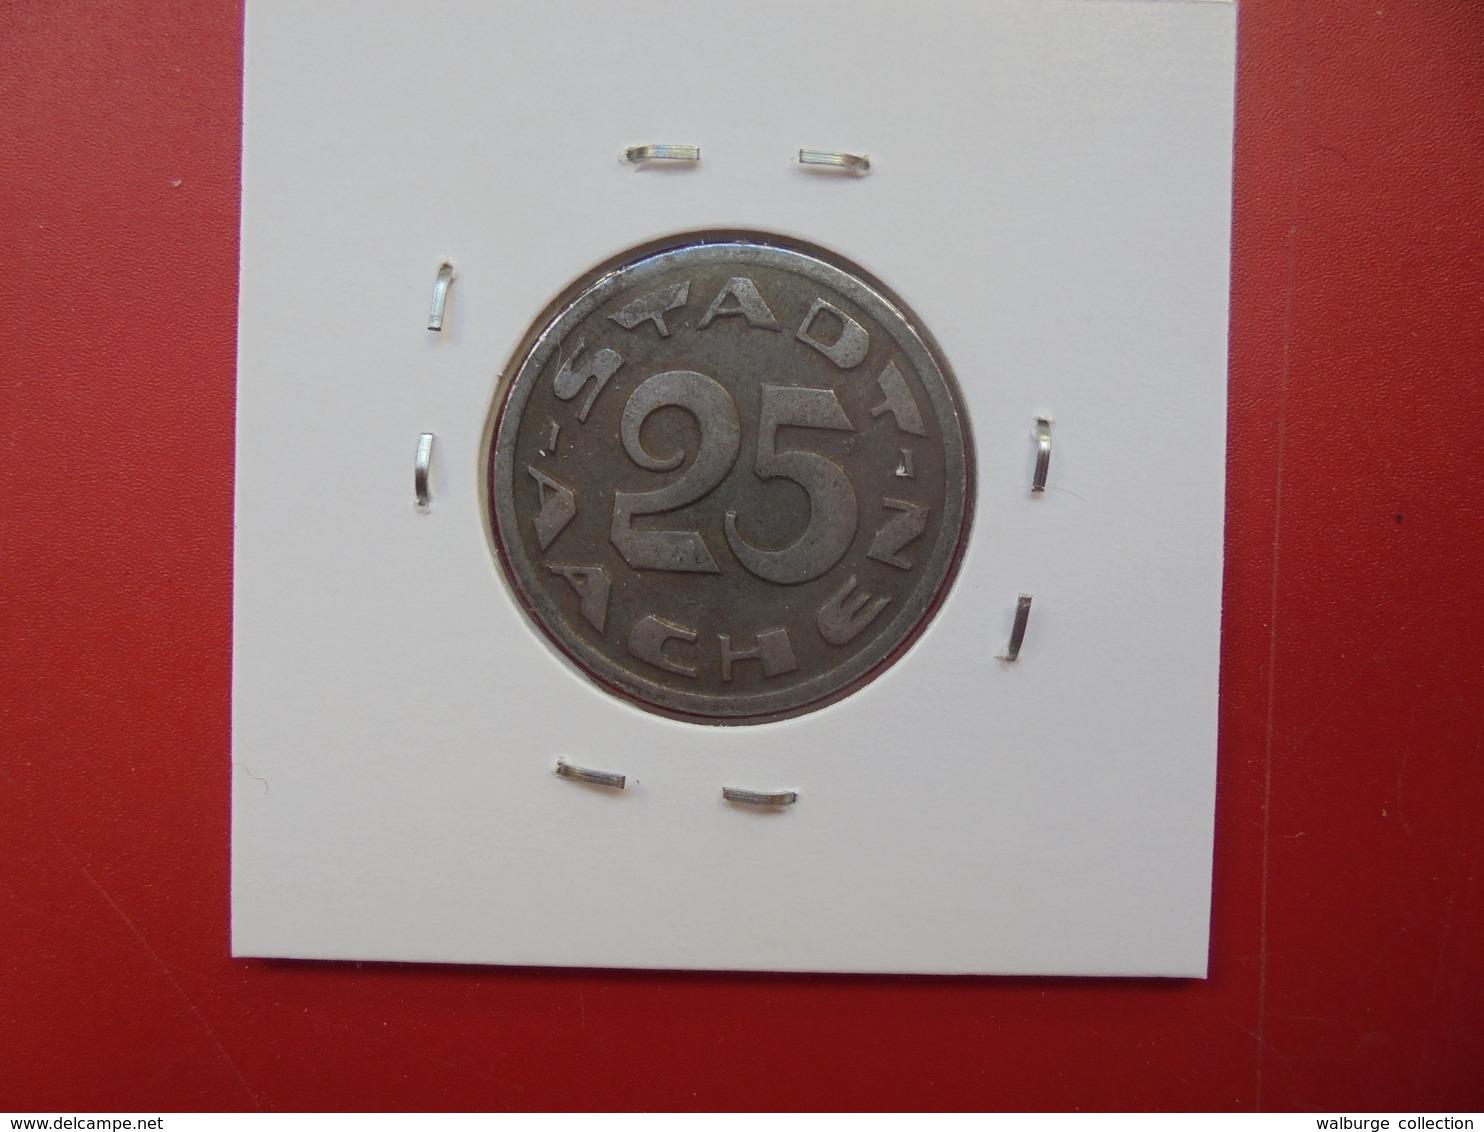 AACHEN 25 PFENNIG 1920 VAR N°2 - [ 3] 1918-1933 : Weimar Republic